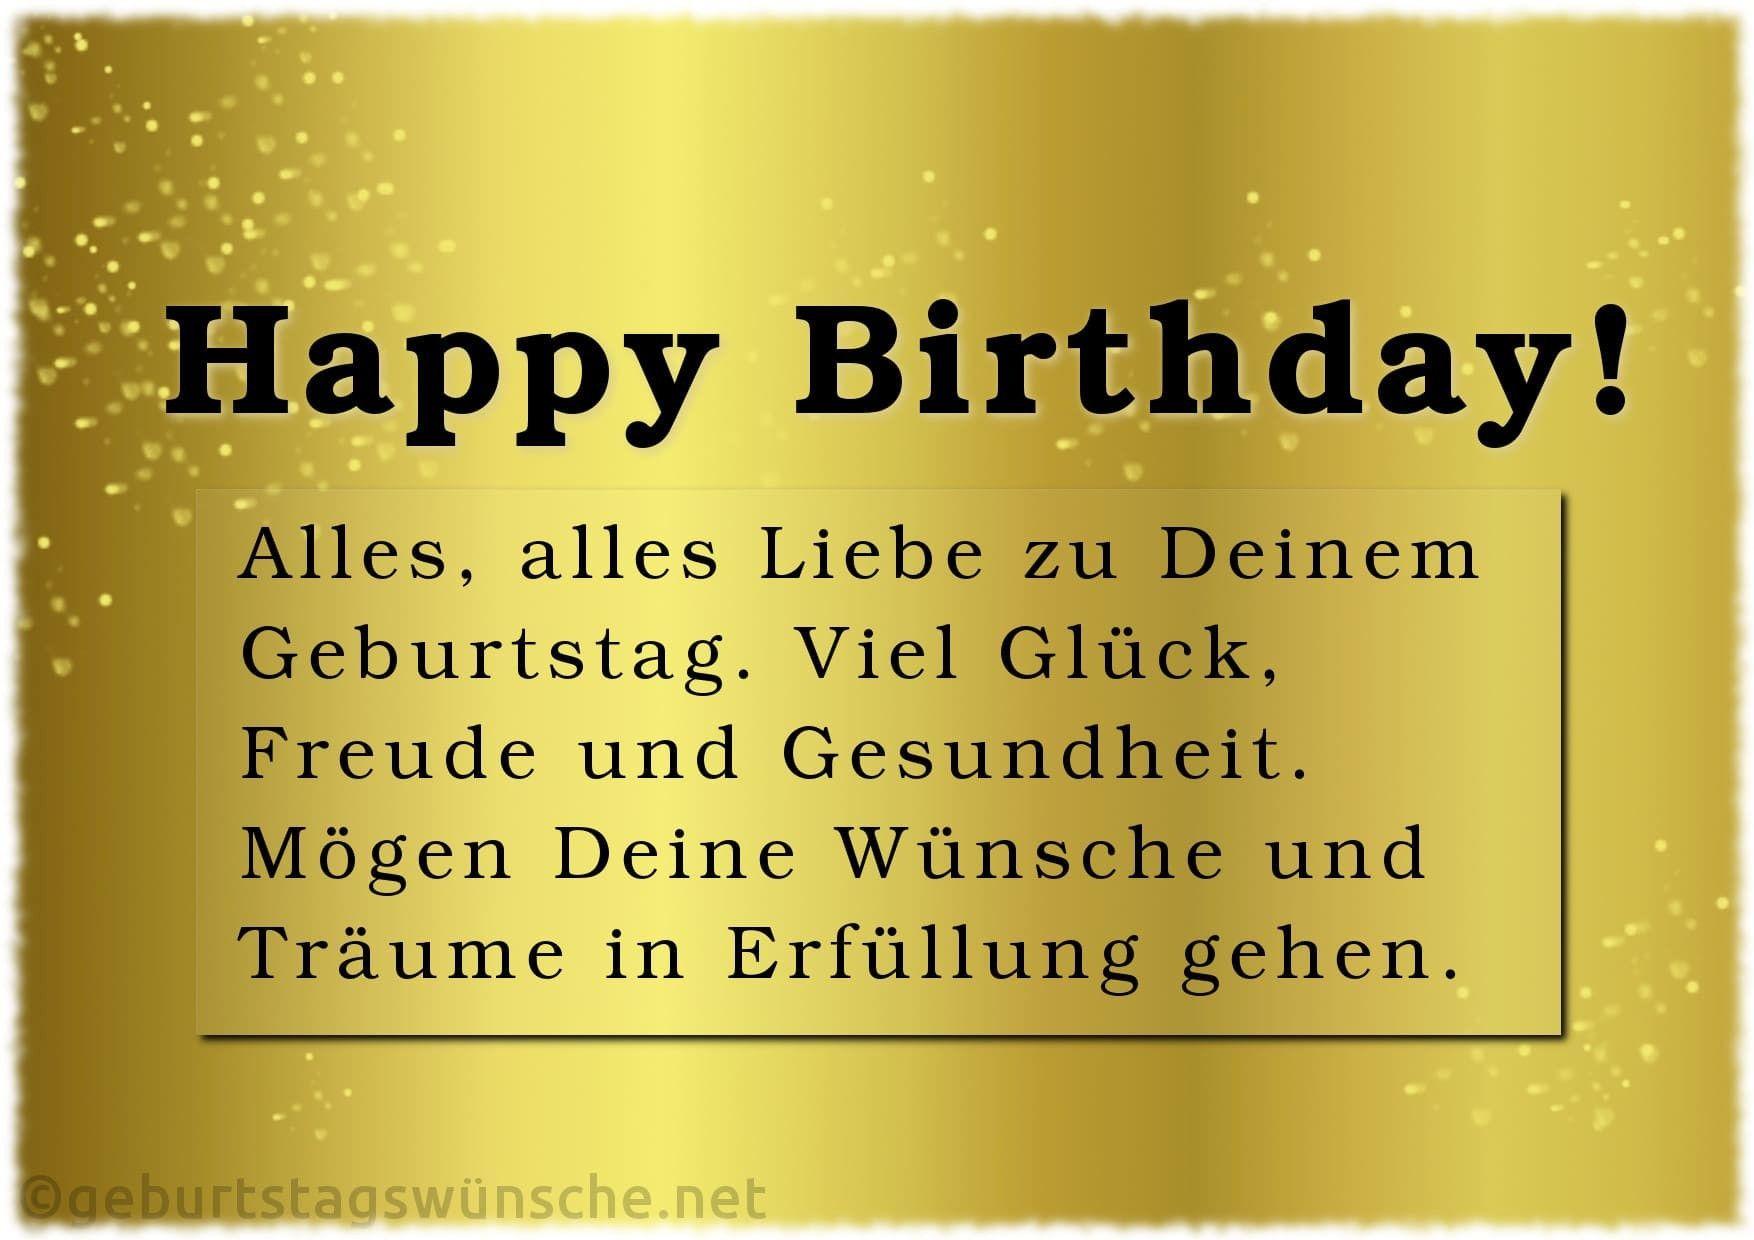 Geburtstagswunsche Gute Kollegin Unique 15 50 Geburtstag Kollegin